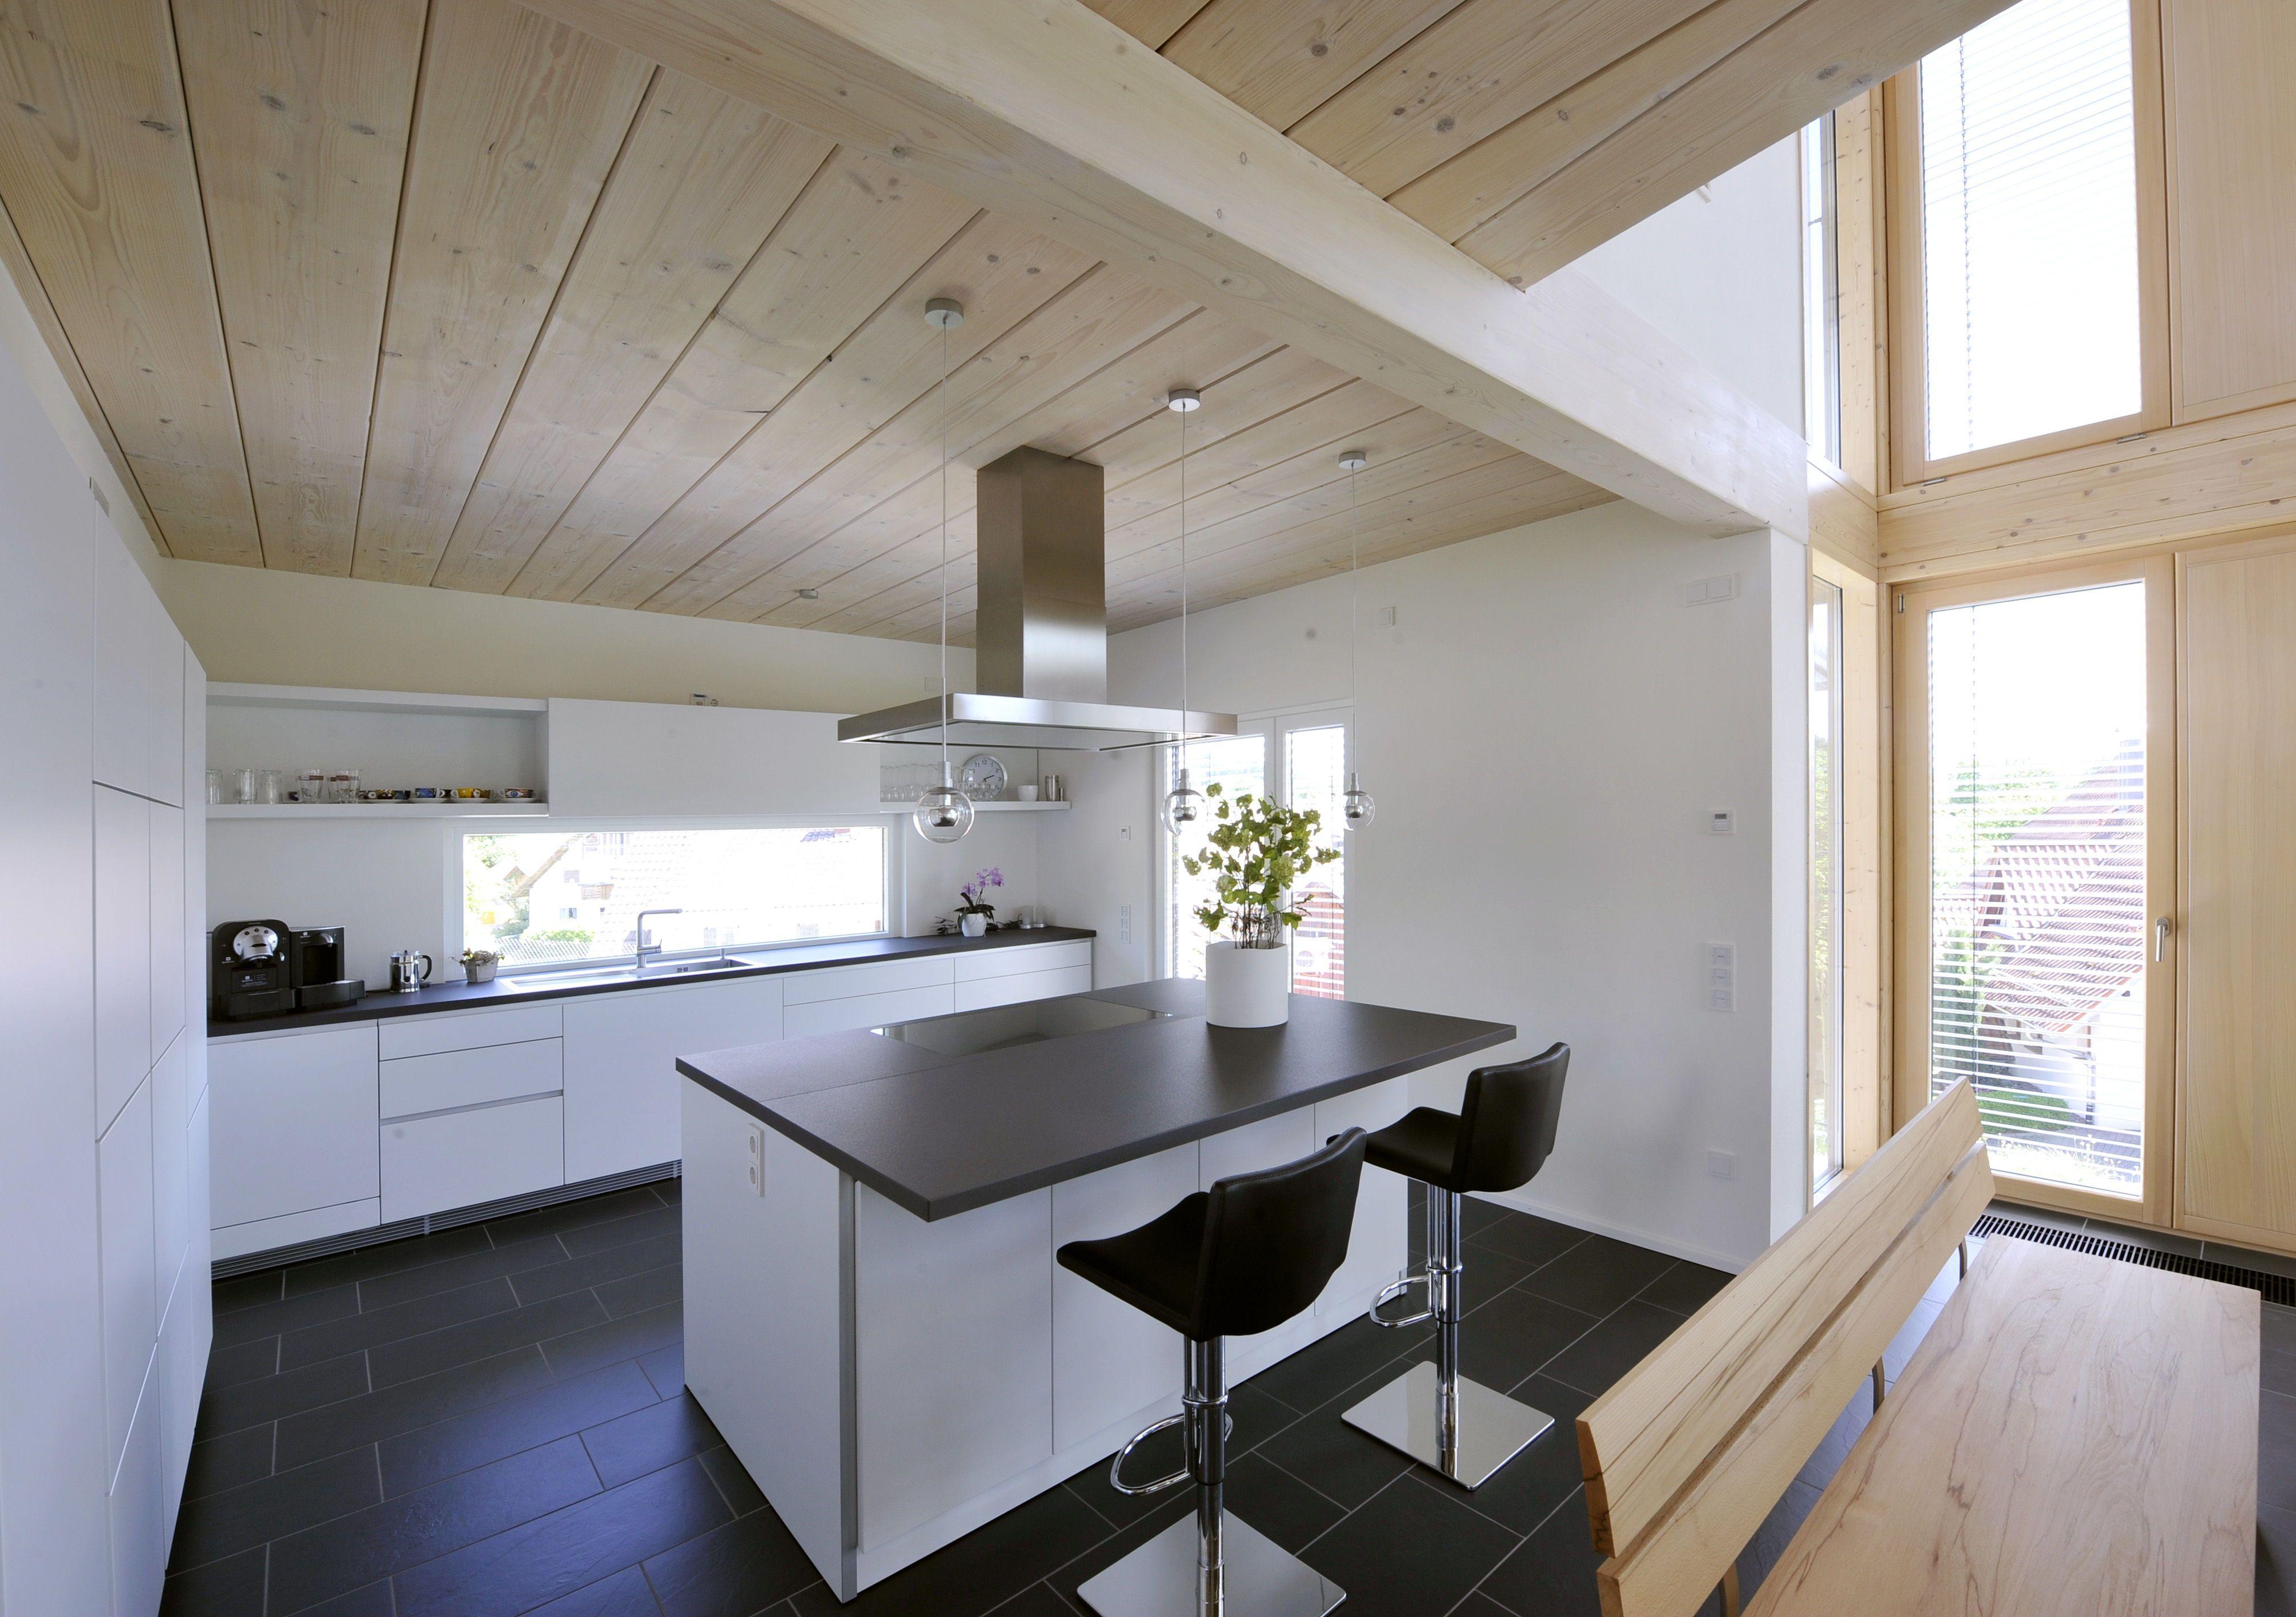 Einfamilienhaus innen modern, rustikal einrichten mit